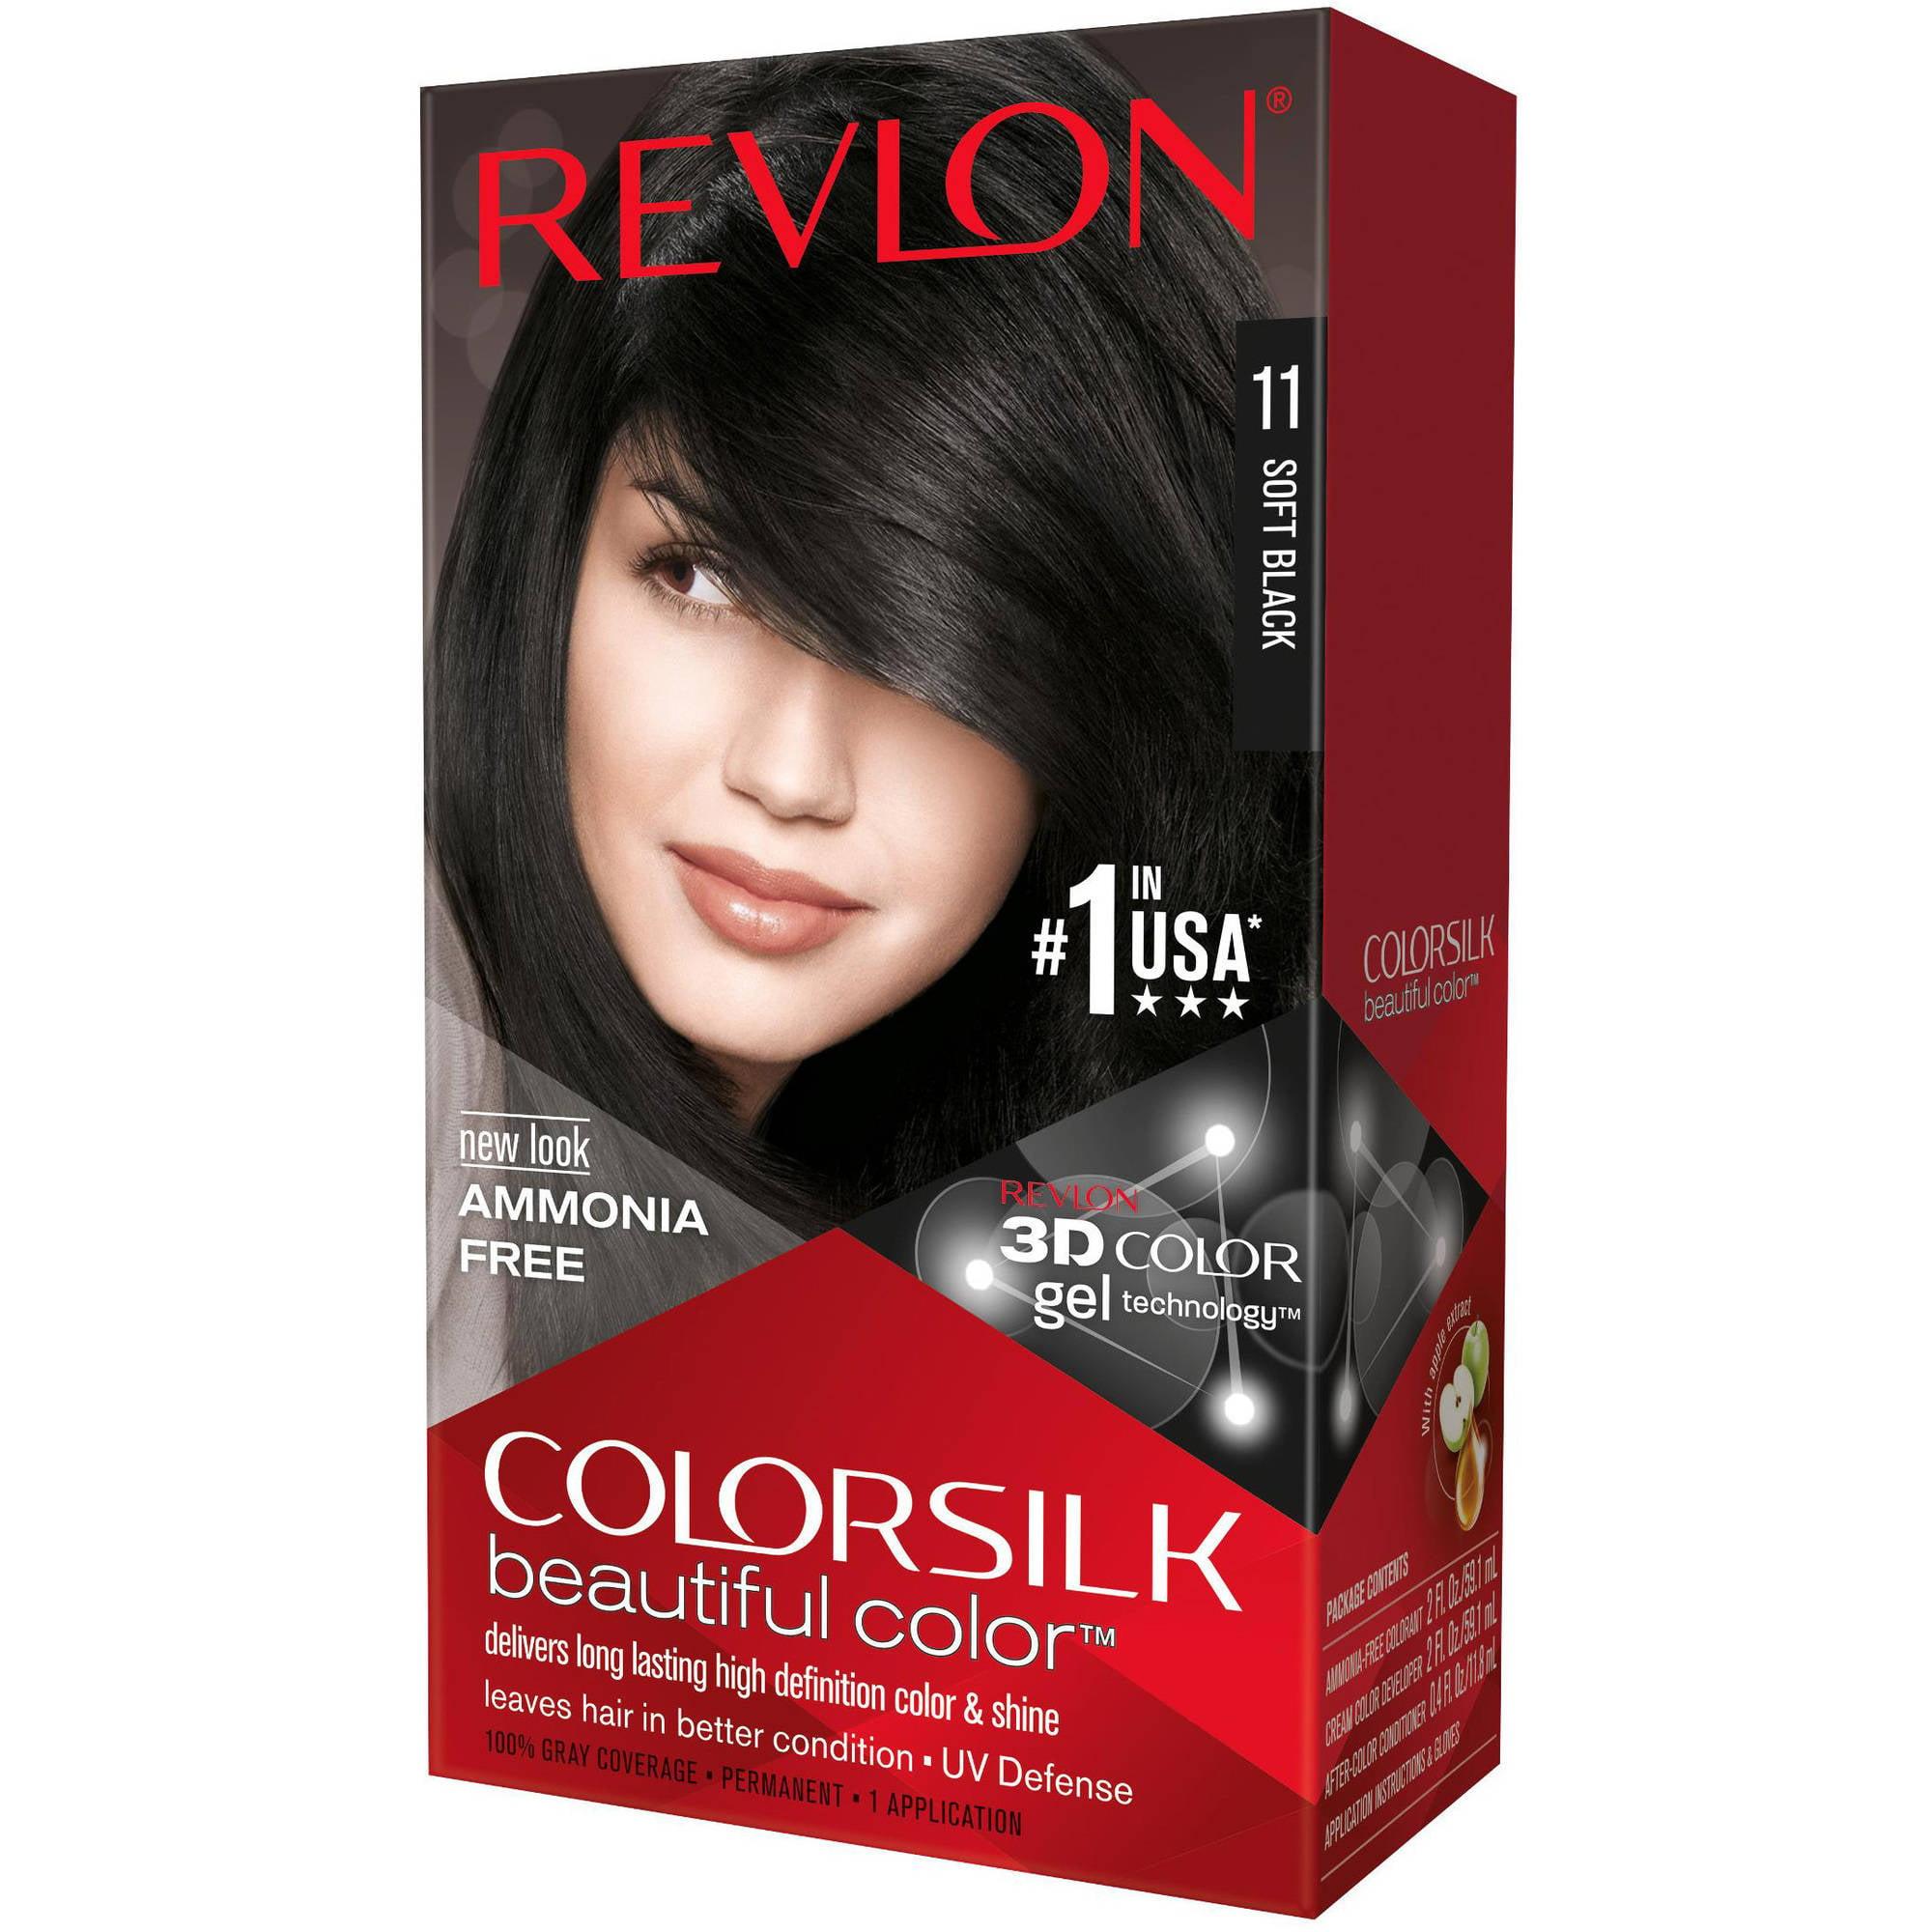 Revlon Colorsilk Beautiful Color Permanent Hair Color, 11 Soft Black